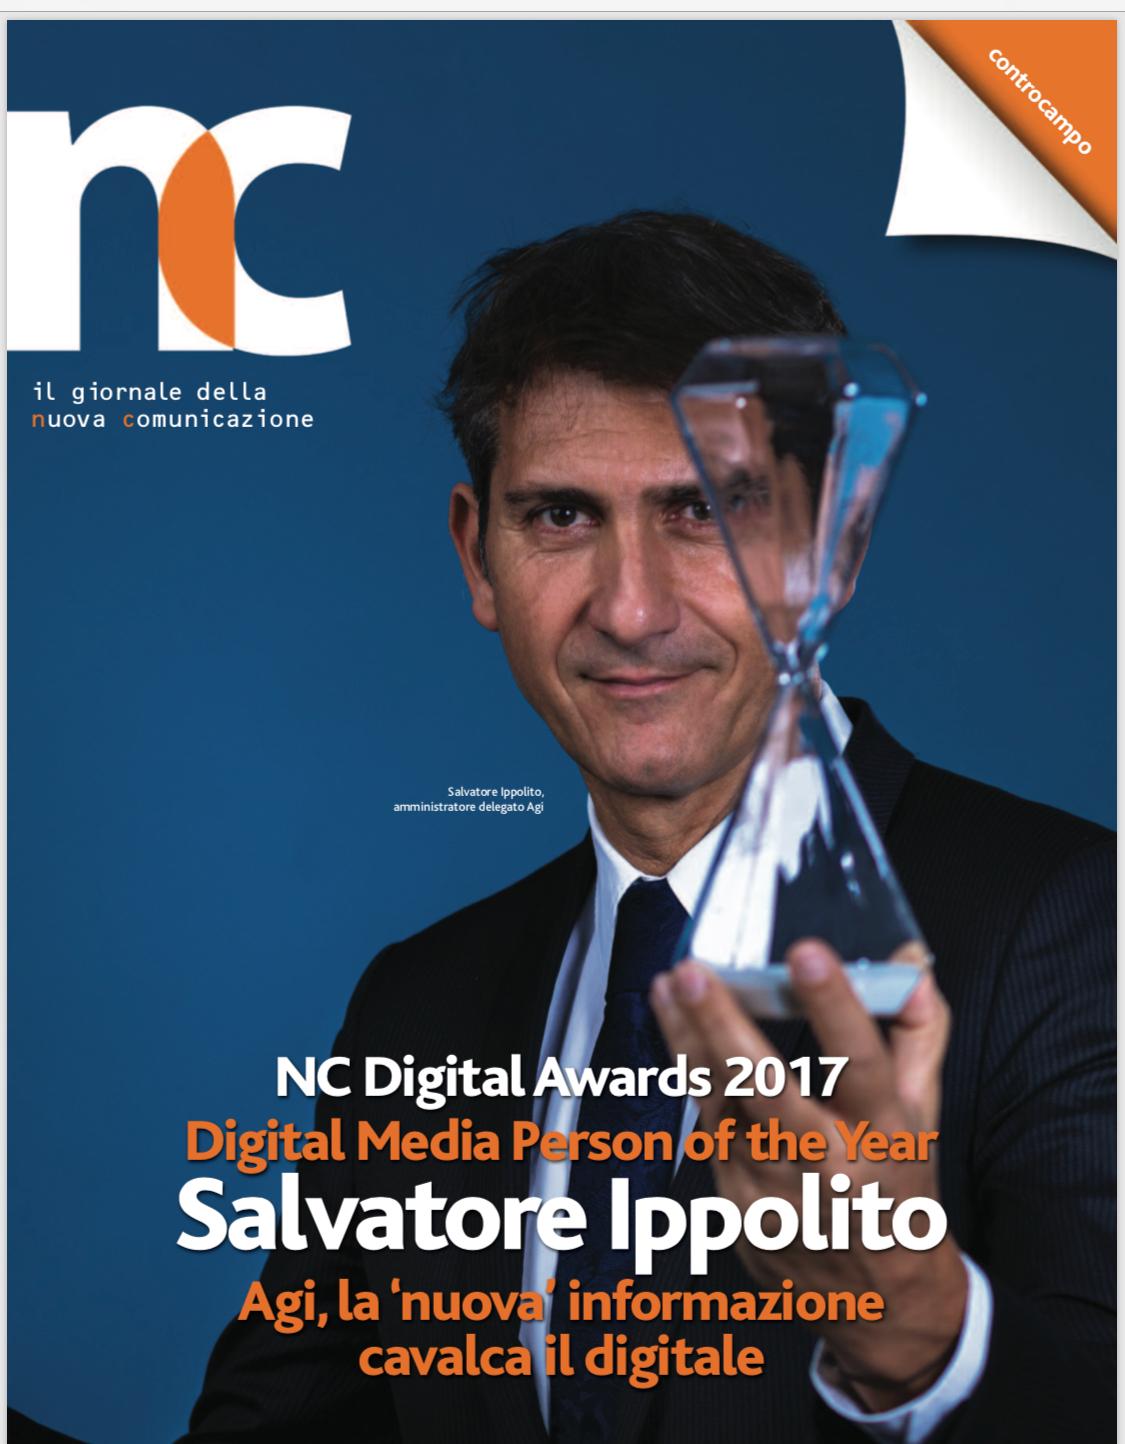 Salvatore Ippolito AD AGI